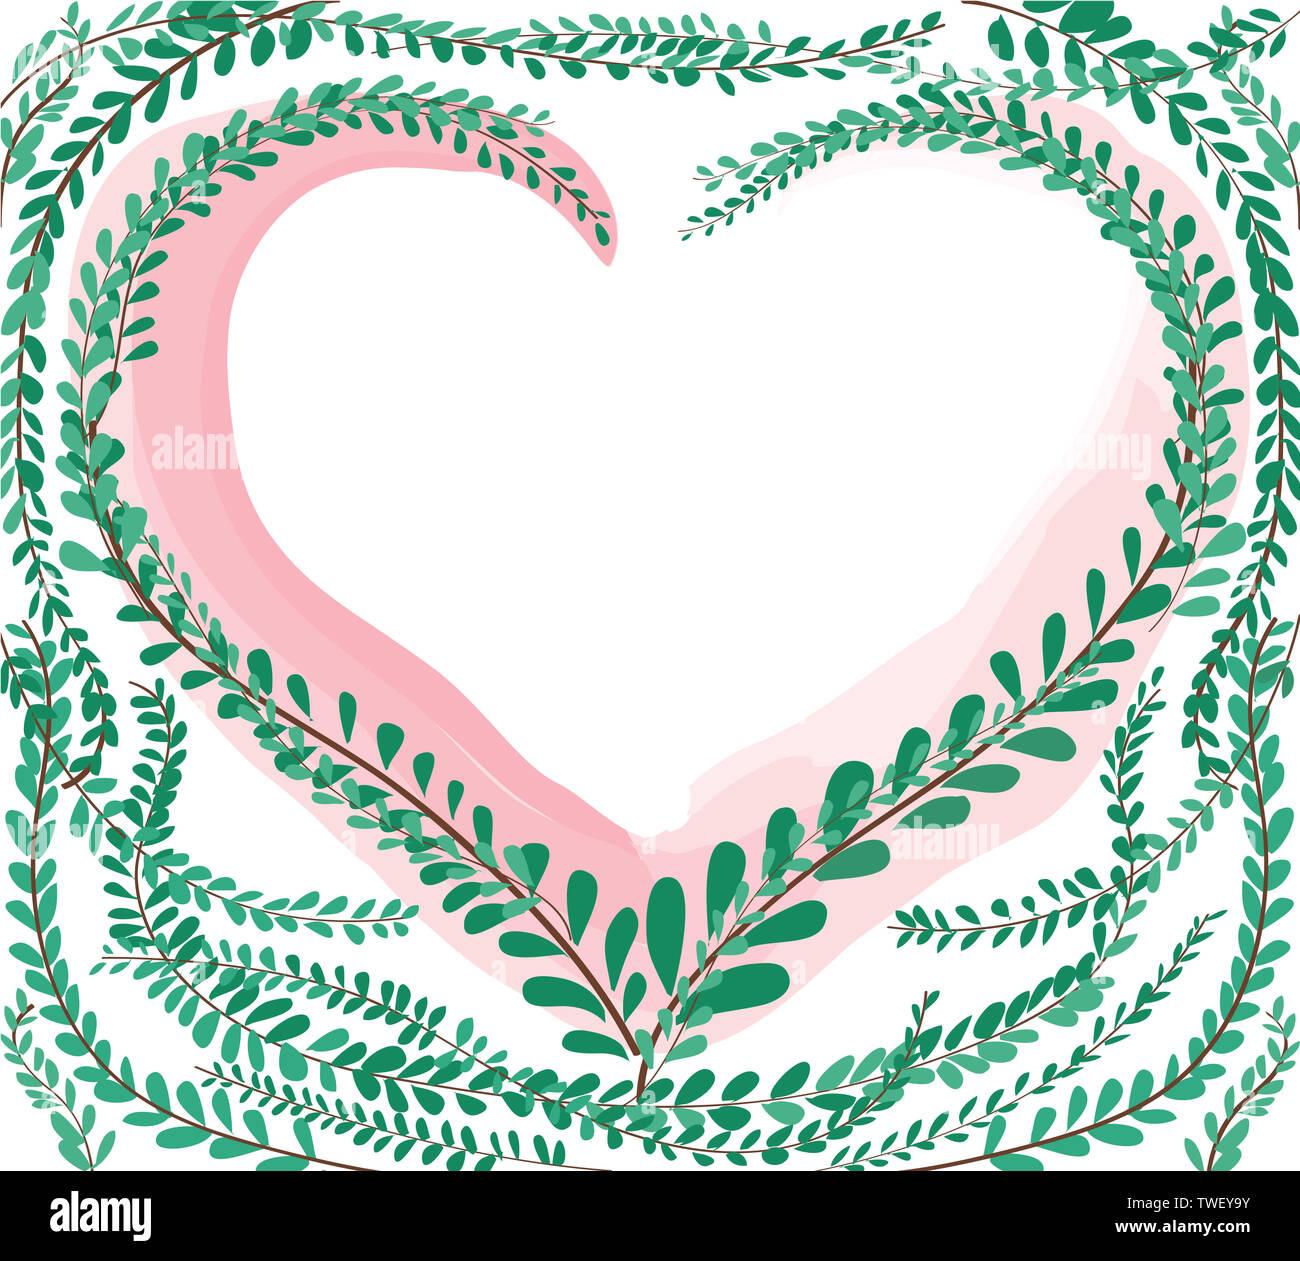 En forma de corazón verde pastel leafs untar los botones , Mexicana antecedentes daisy EPS10 Imagen De Stock